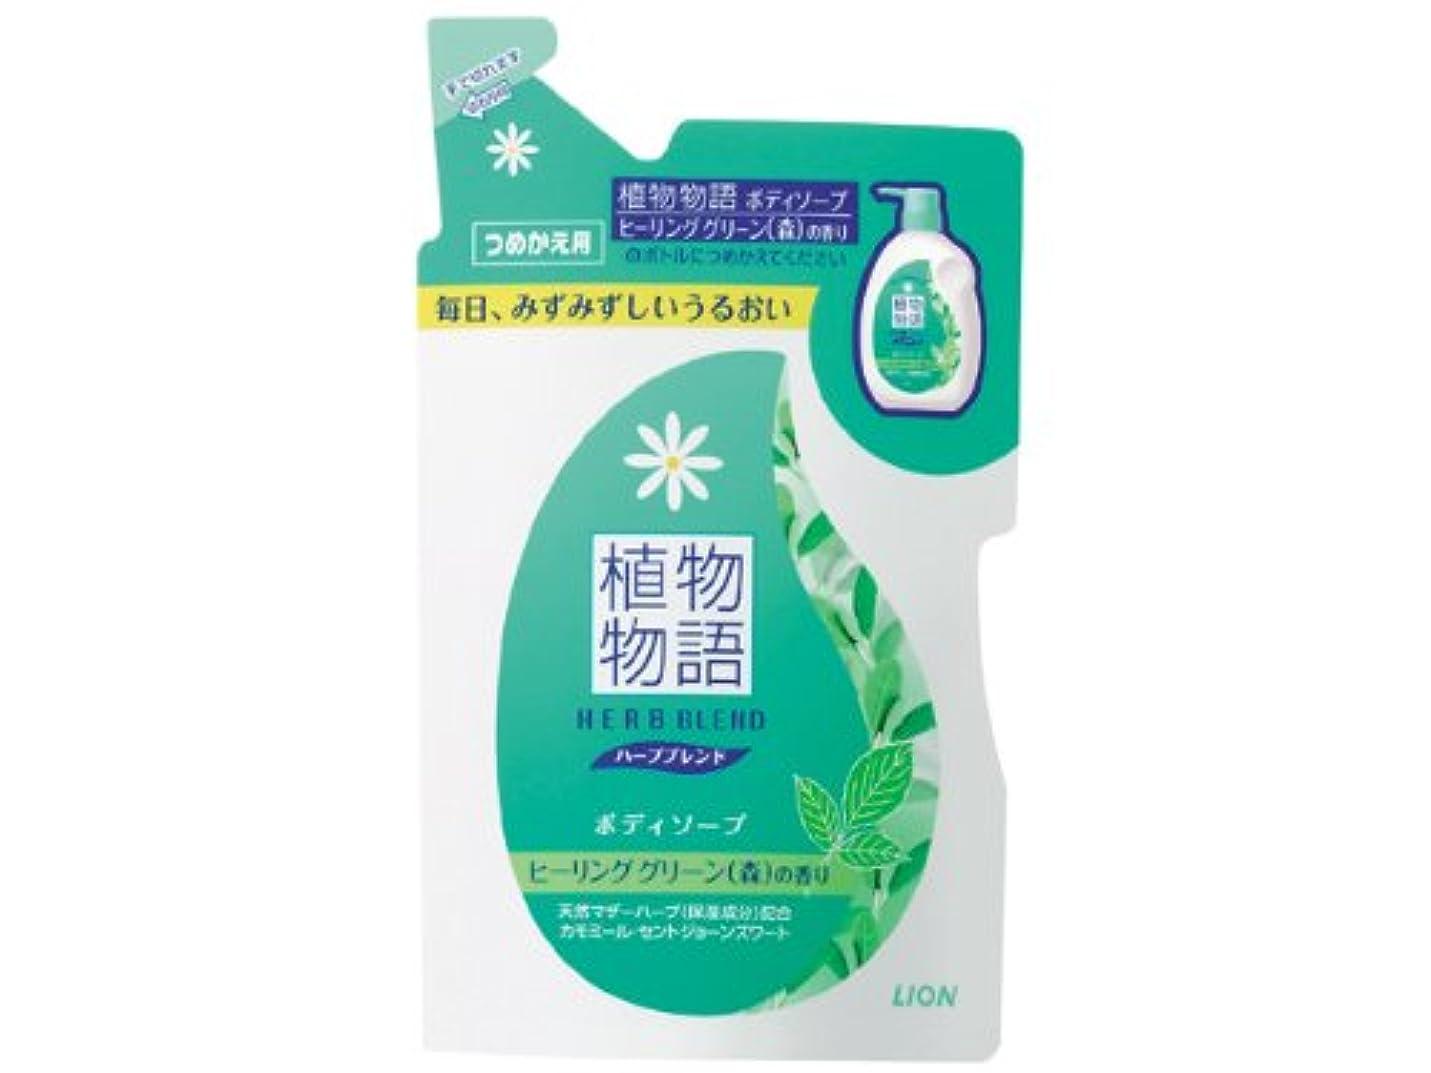 無意味干渉するアイロニー植物物語 ハーブブレンド ボディソープ ヒーリンググリーン(森)の香り つめかえ用 420ml